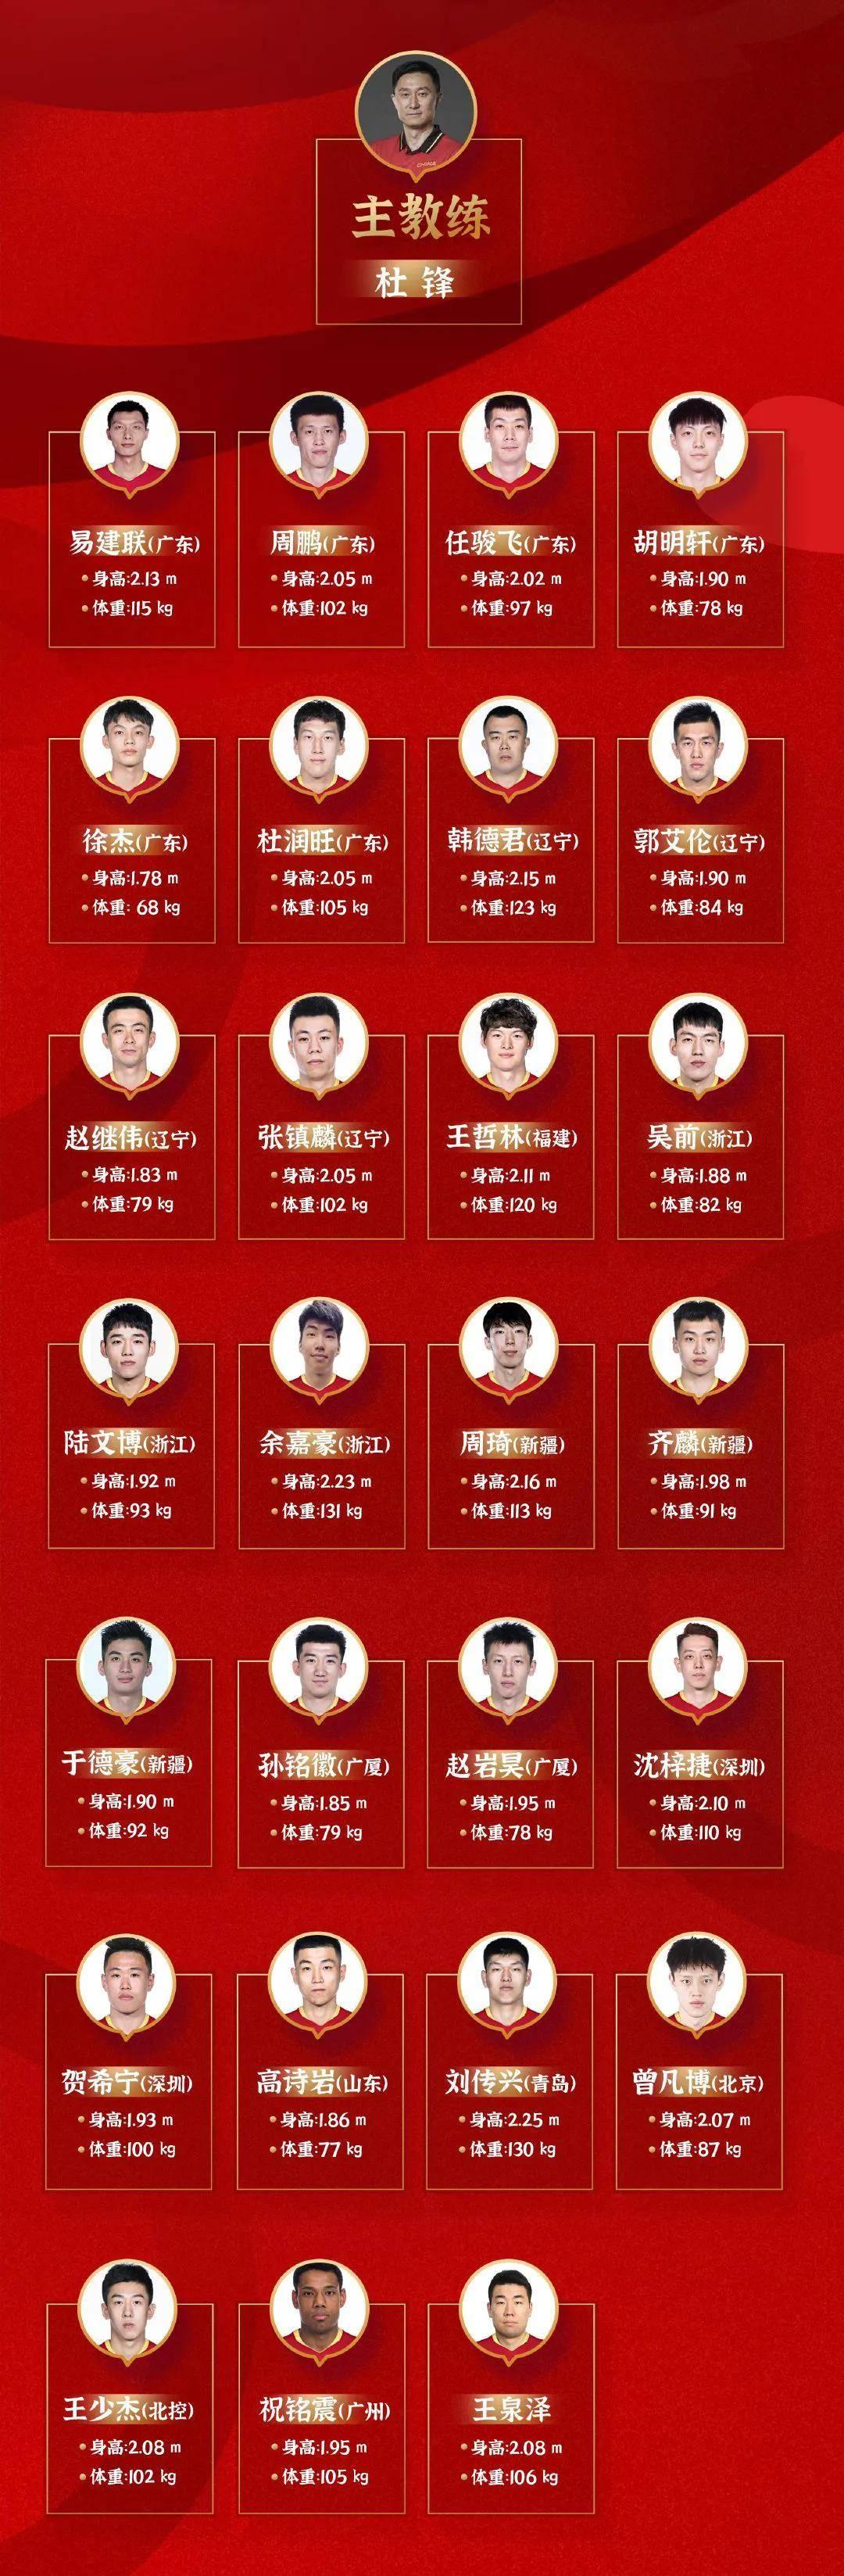 官宣!易建联、郭艾伦以及王哲林分开国度队!中国男篮迎来最年夜危机-盈彩网(图5)